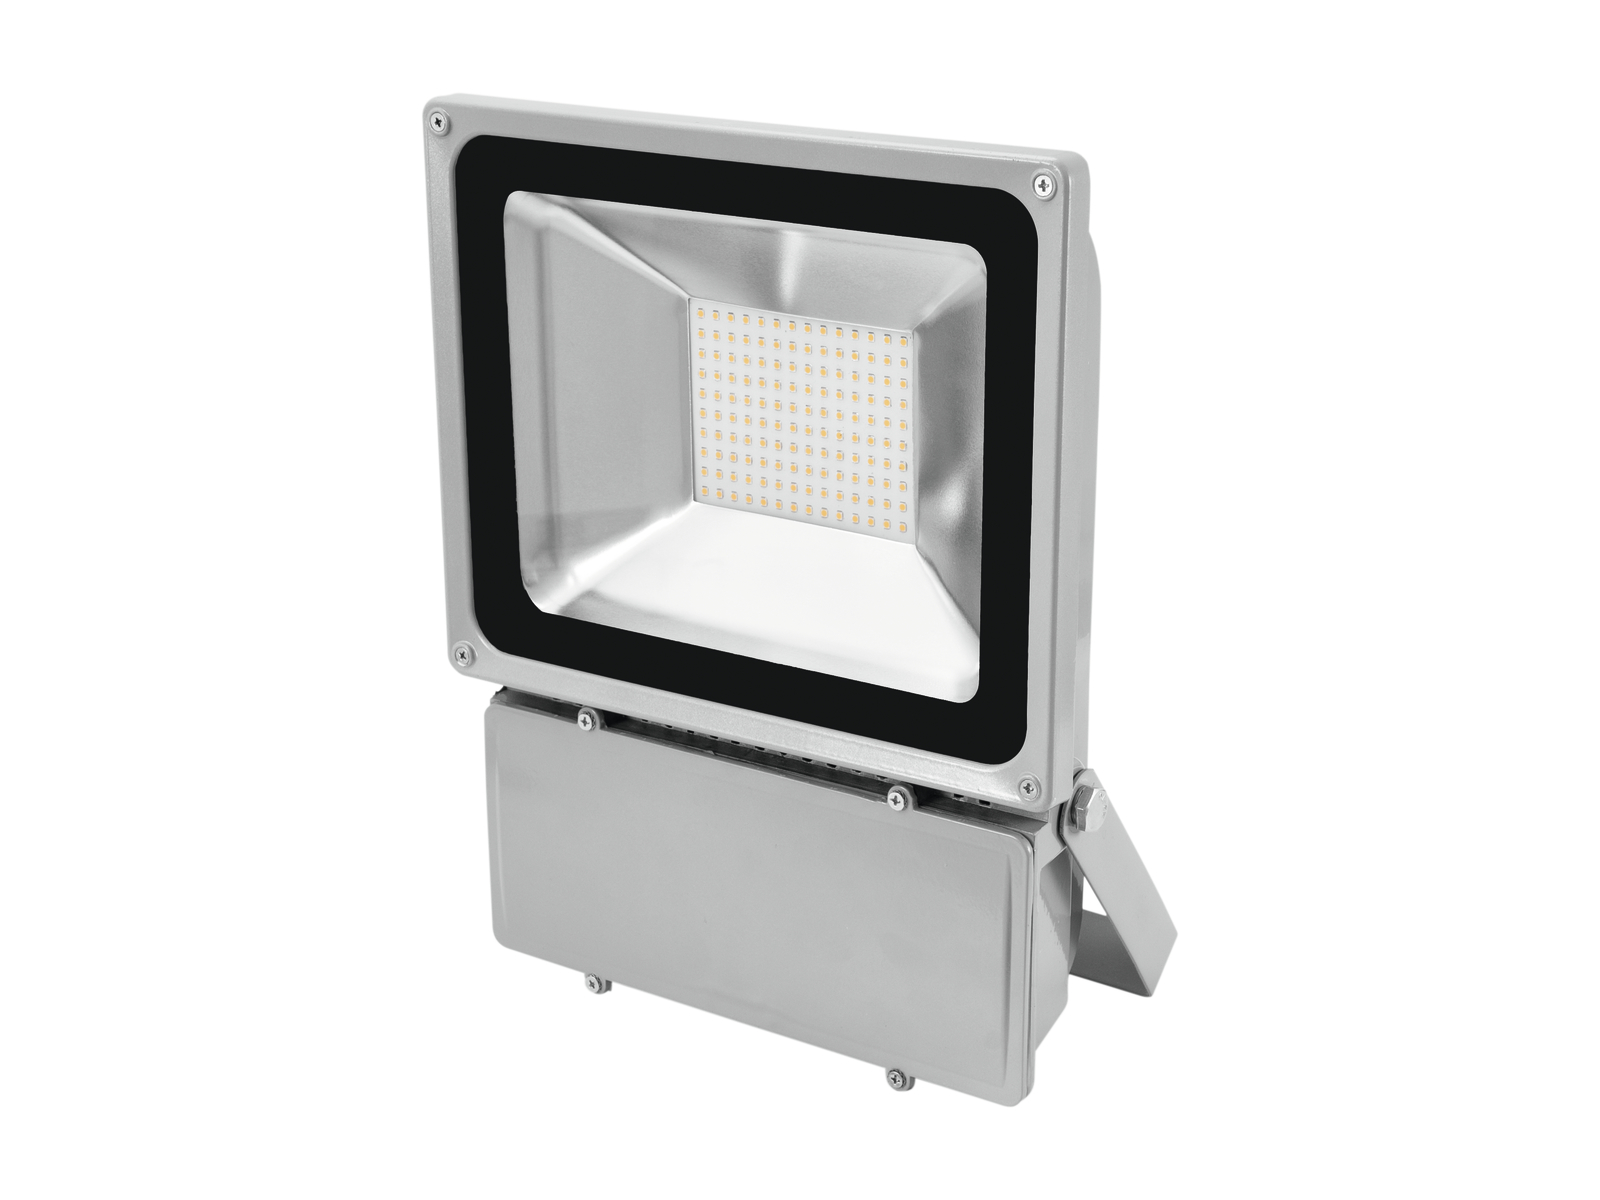 Eurolite LED reflektor IP FL-100 6400K